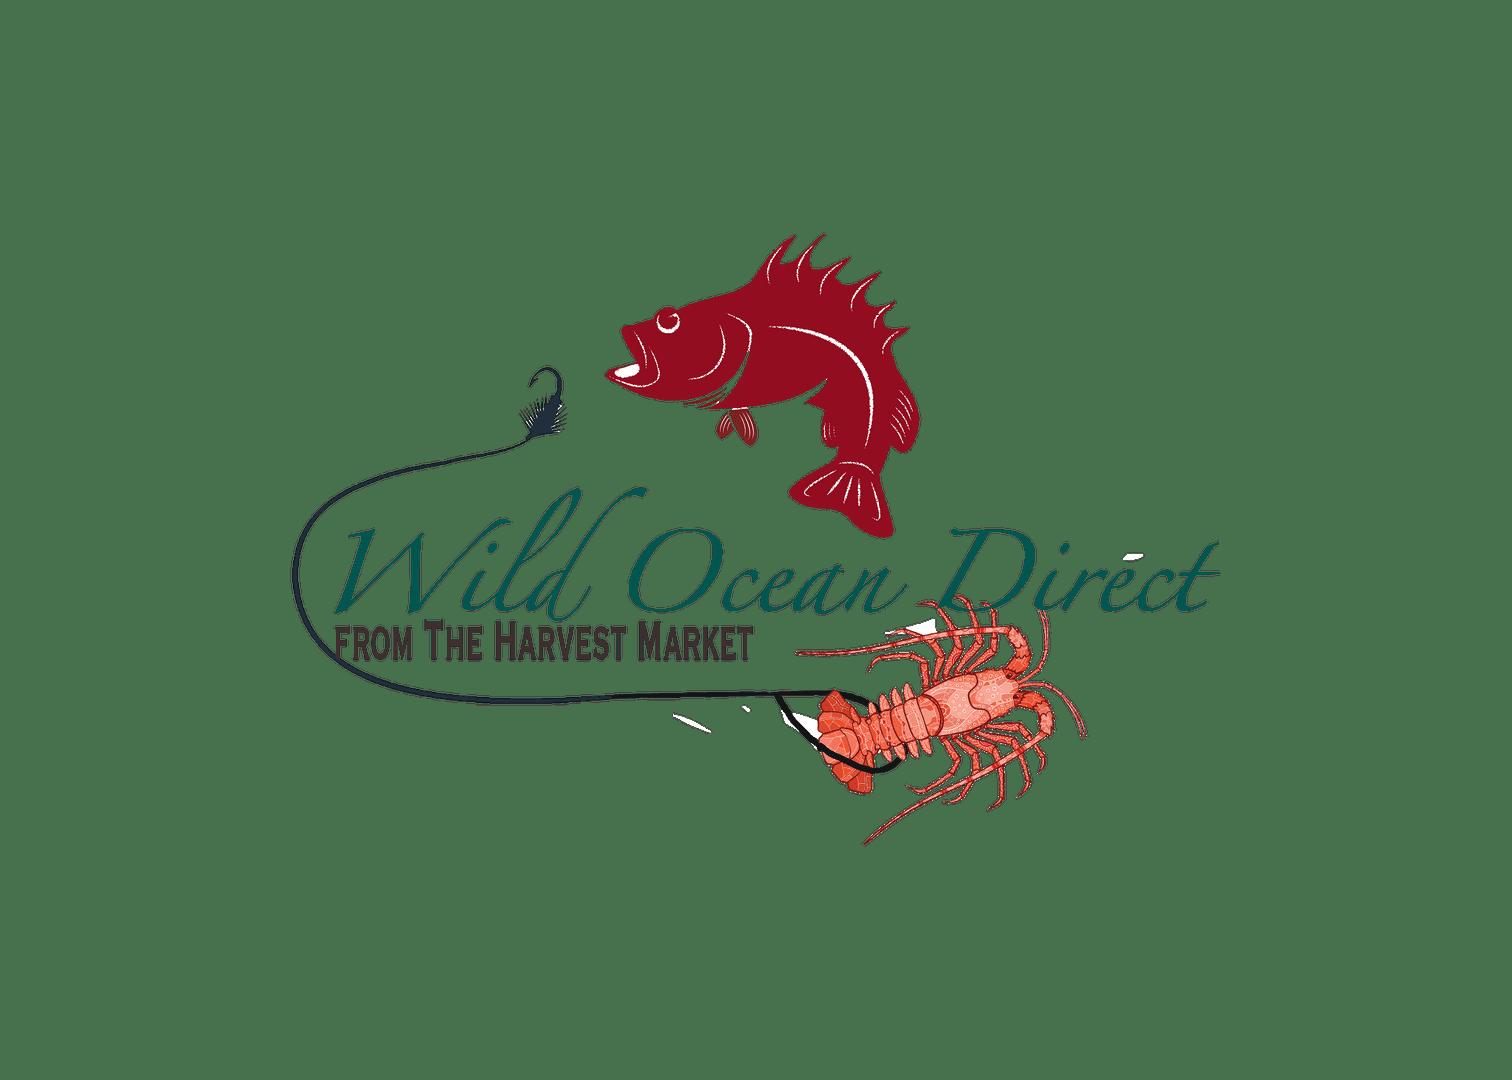 Wild Ocean Direct (100% LOCAL FISH)